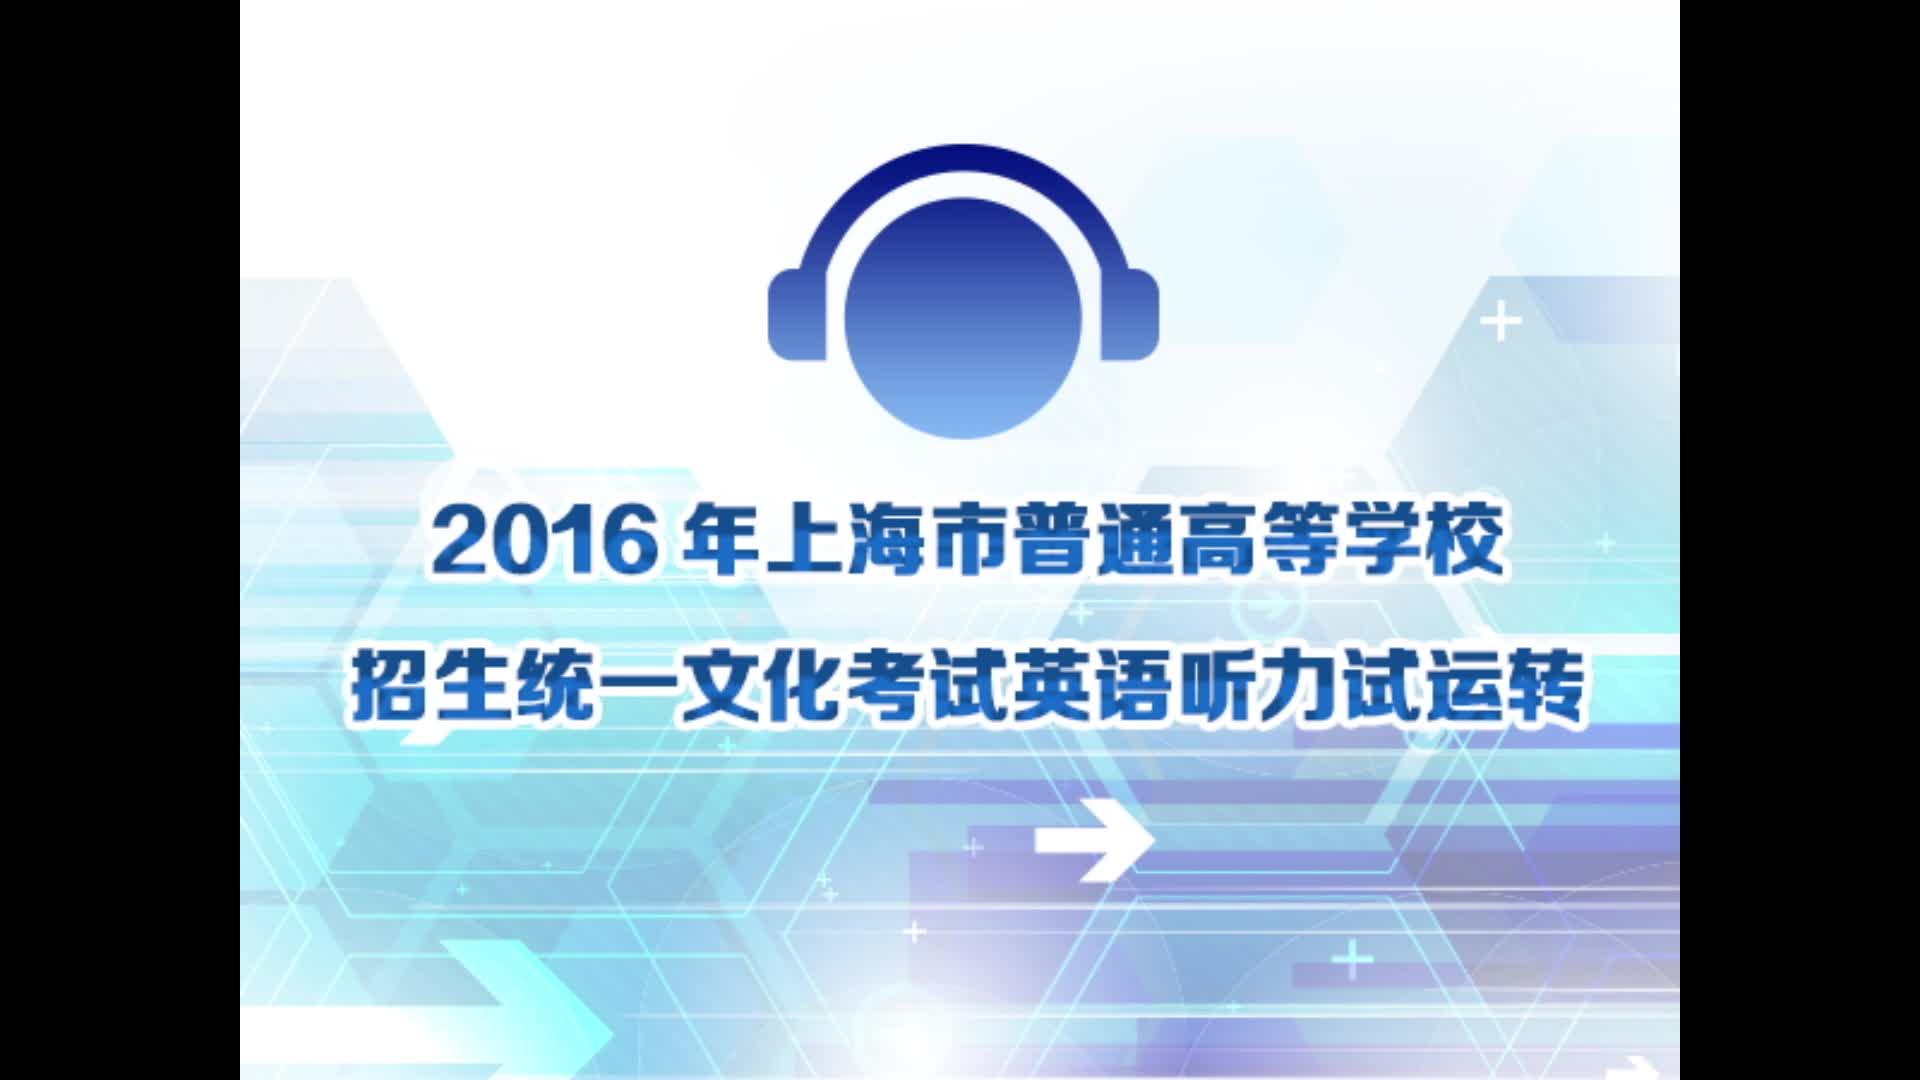 2016上海普通高等学校招生统一文化考试英语听力试运转